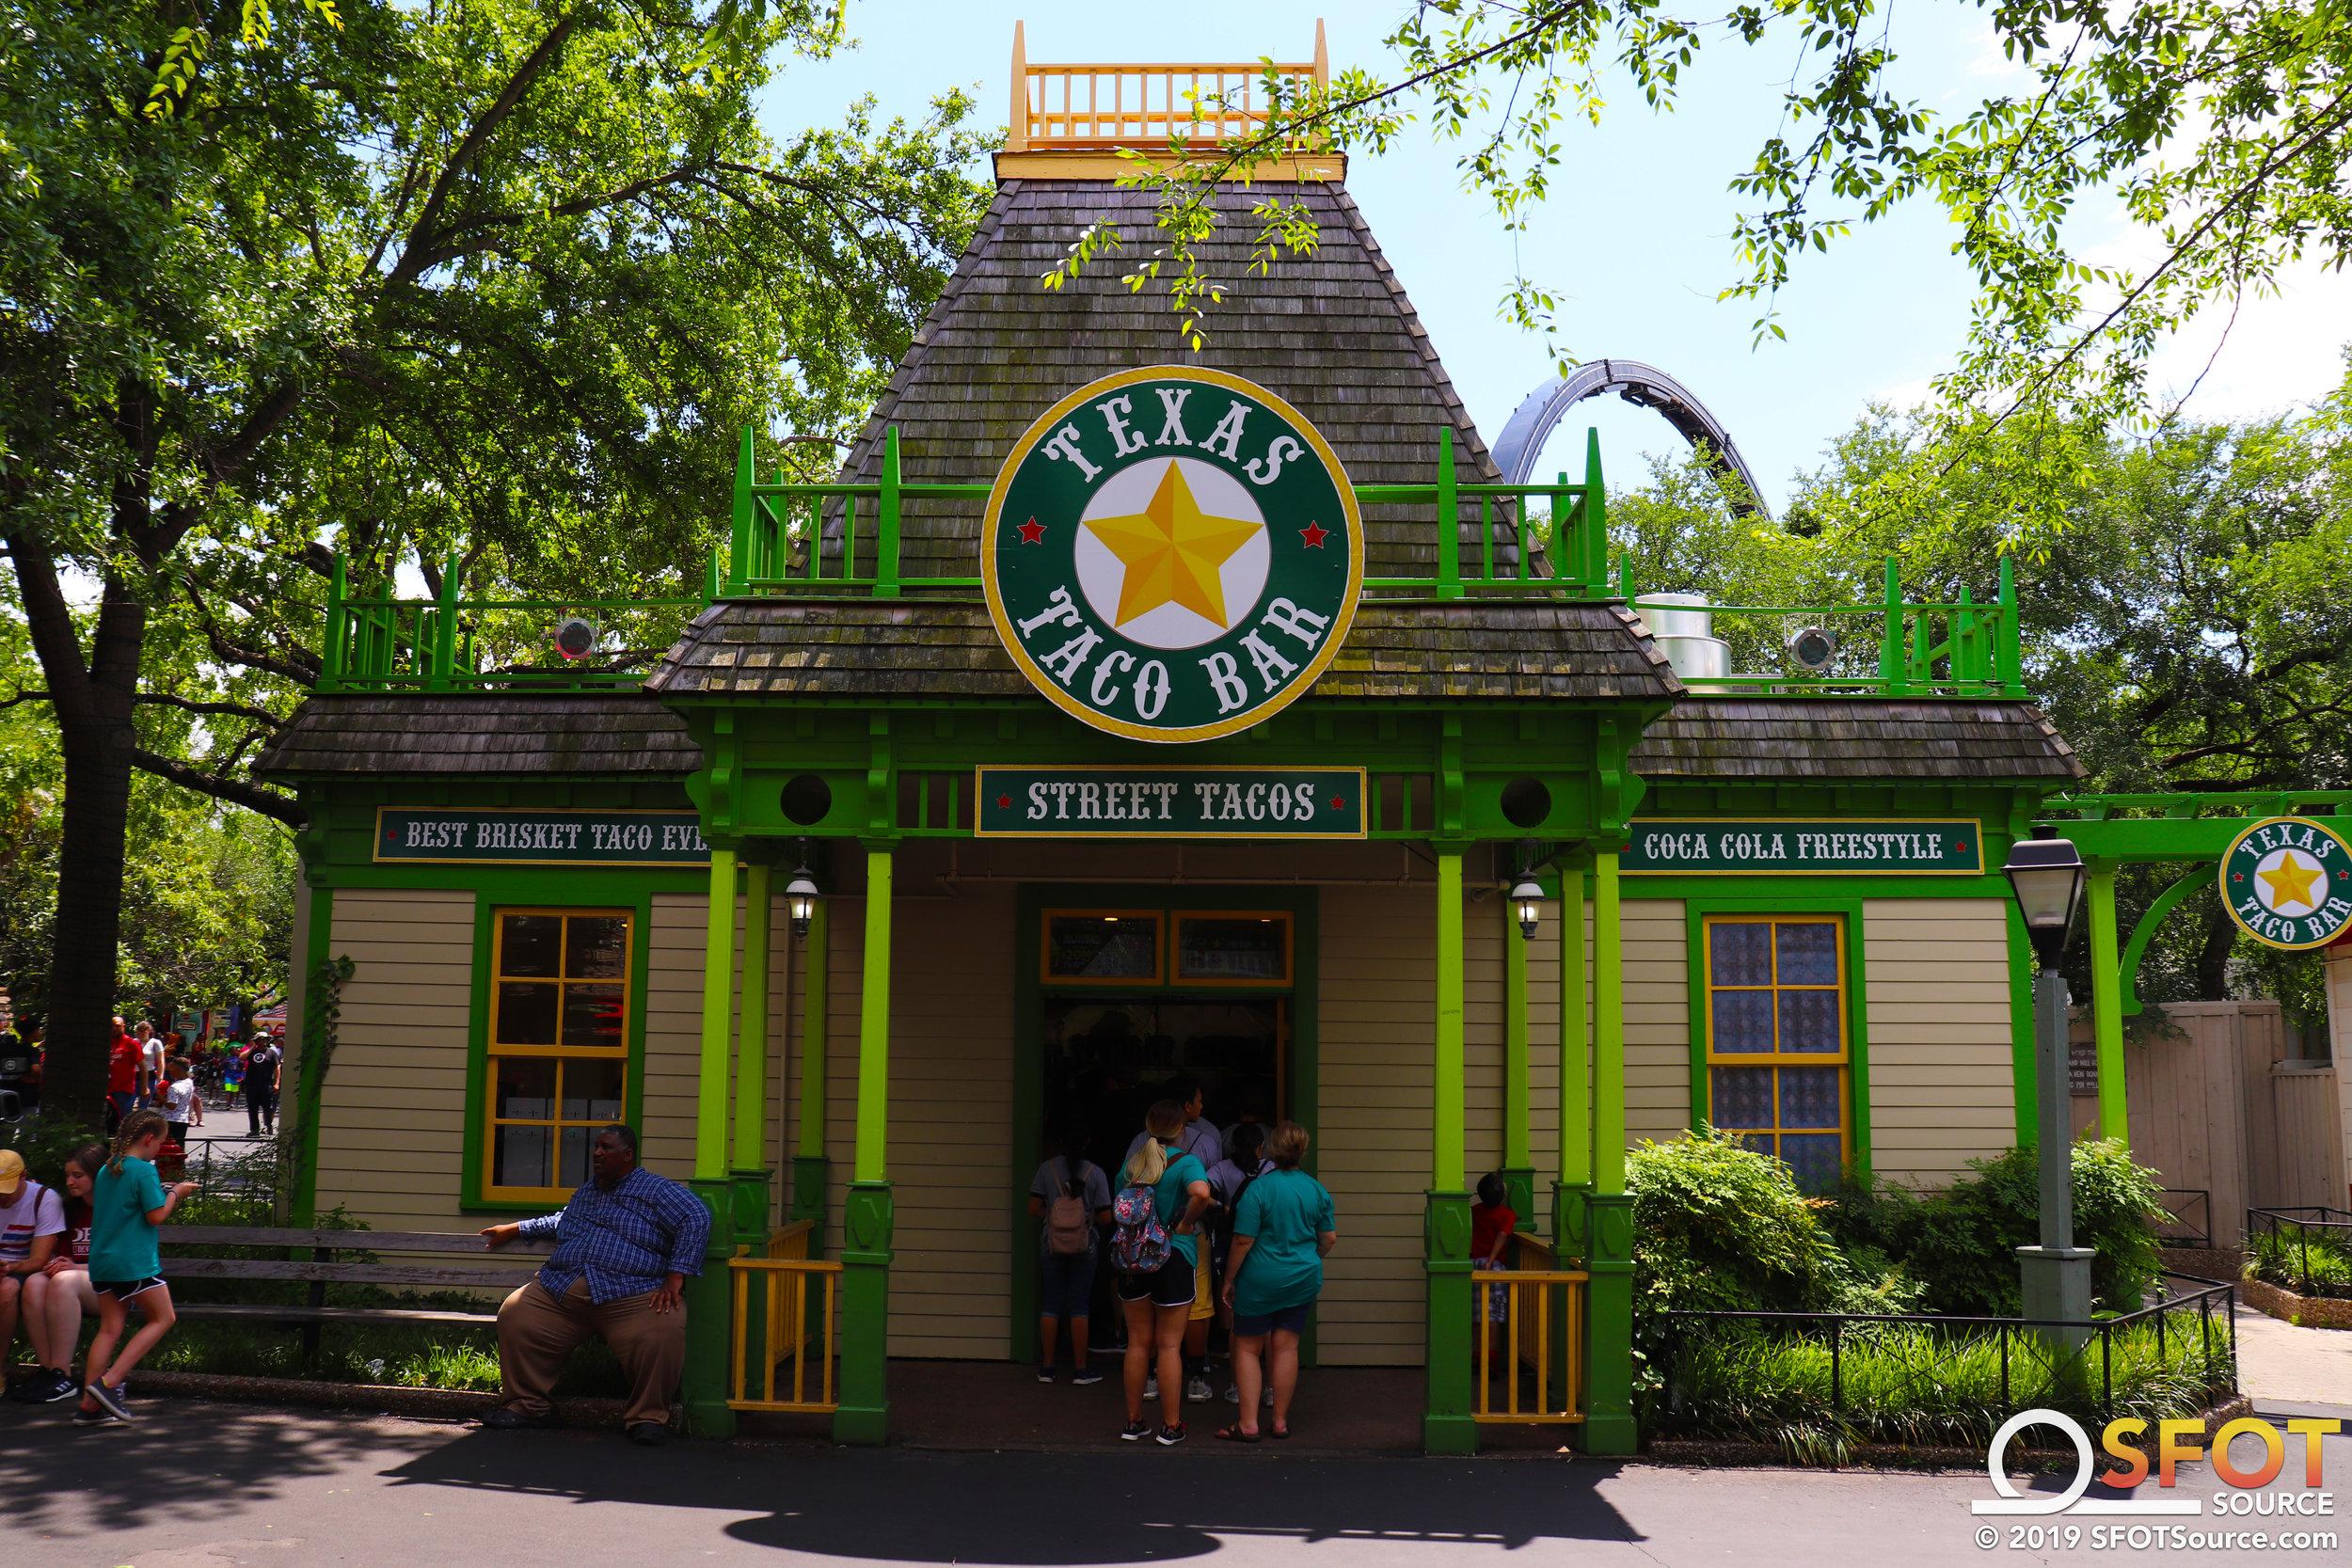 The main entrance to Texas Taco Bar.